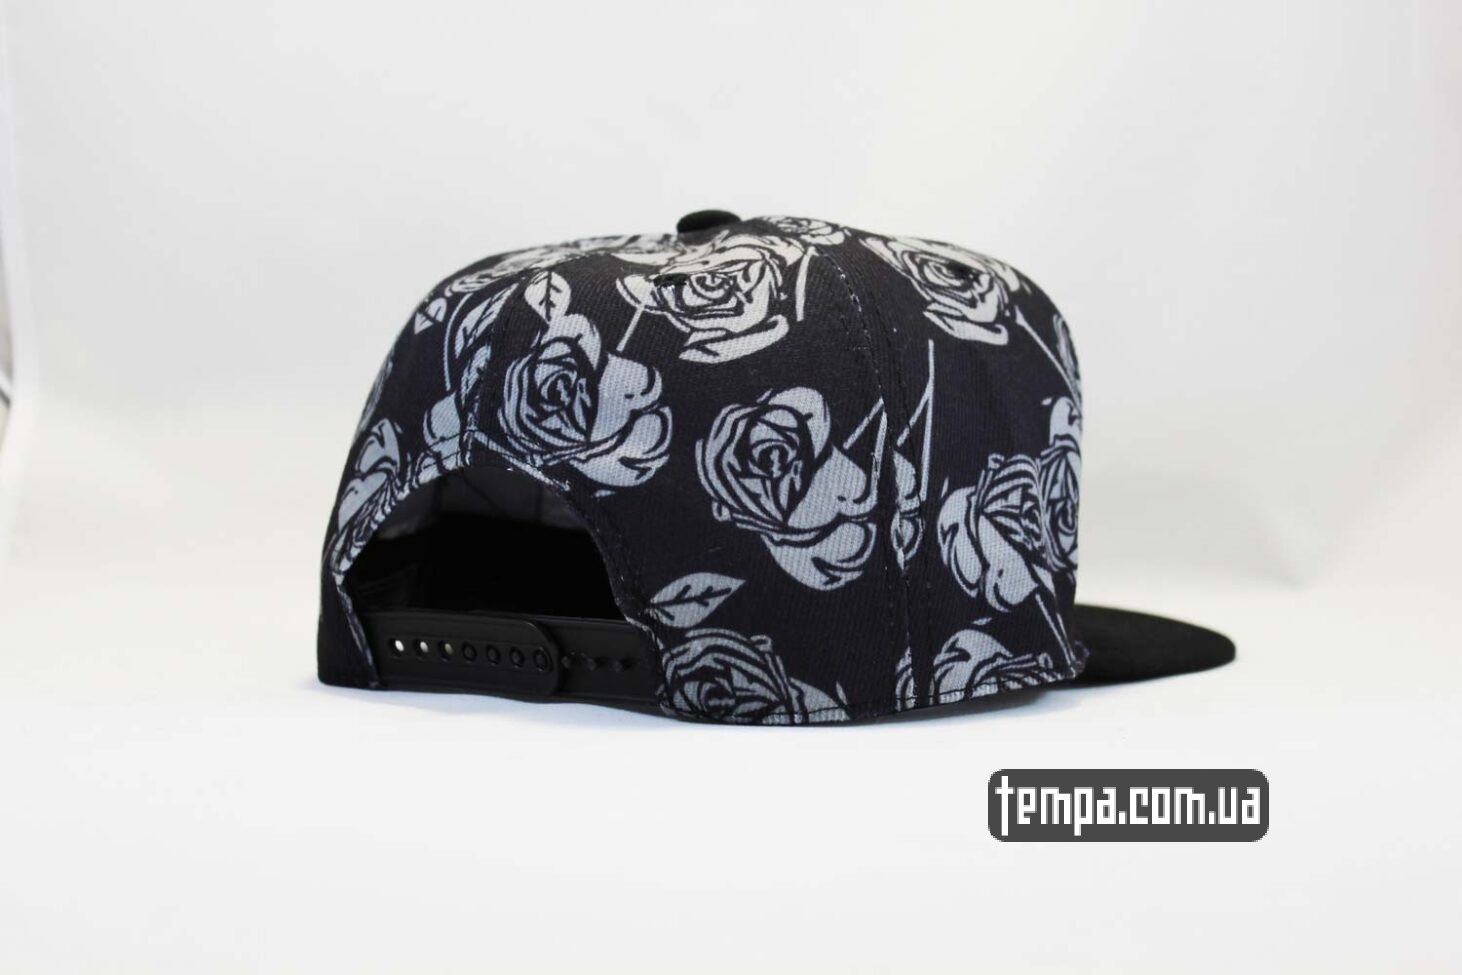 купить оригинальную одежду кепка snapback Cayler and Sons черные розы купить Украина